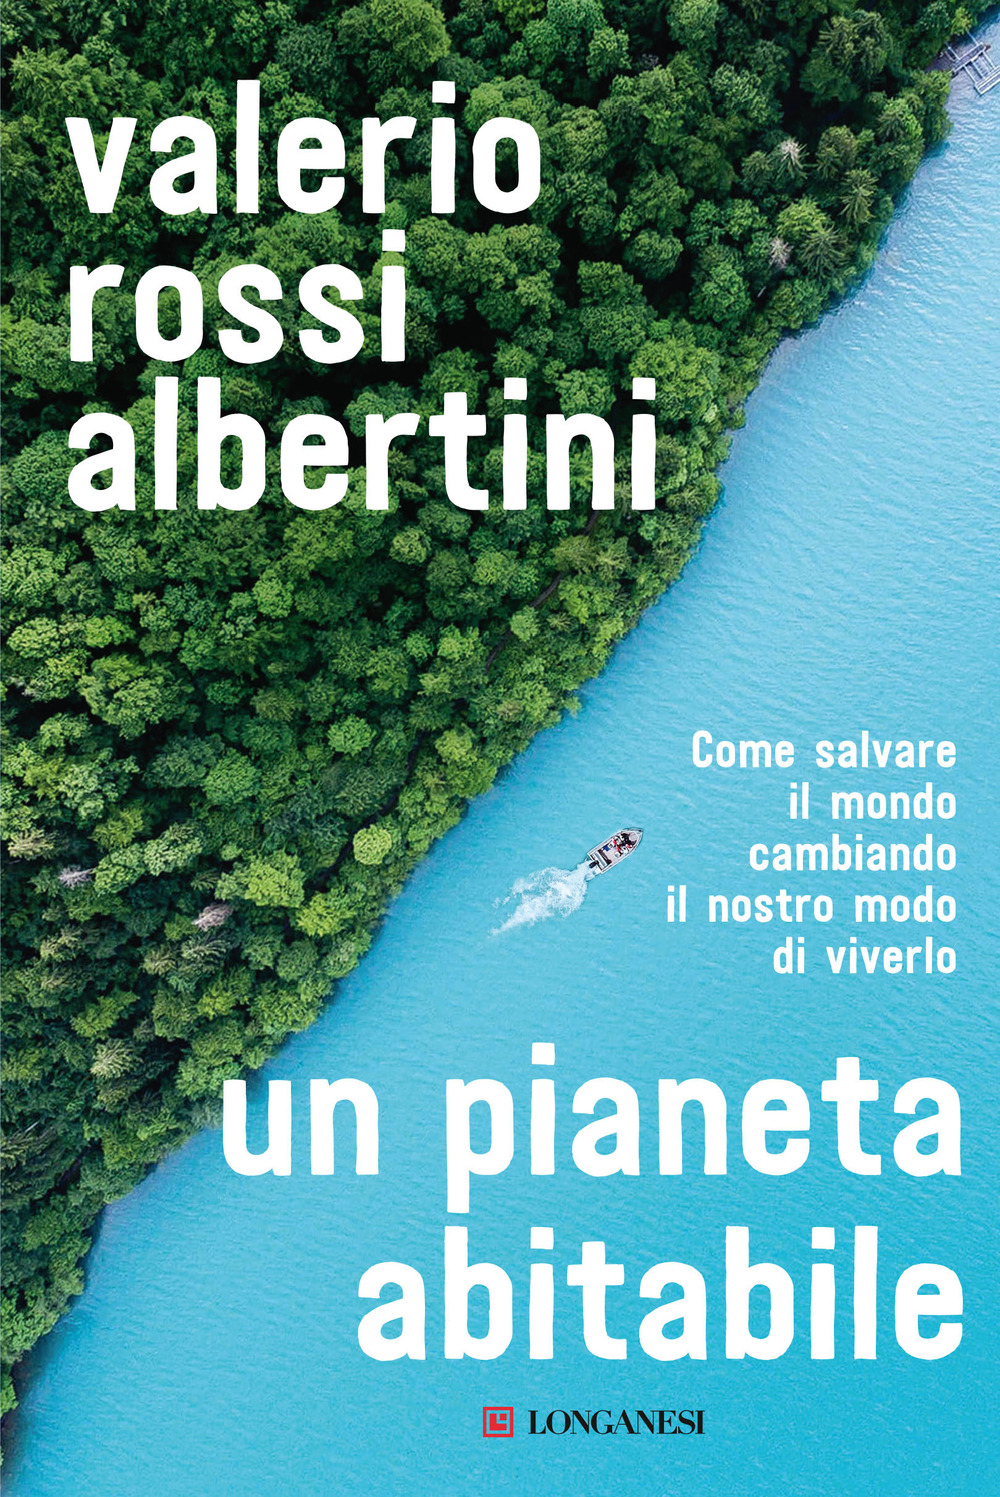 Un pianeta abitabile. Come salvare il mondo cambiando il nostro modo di viverlo